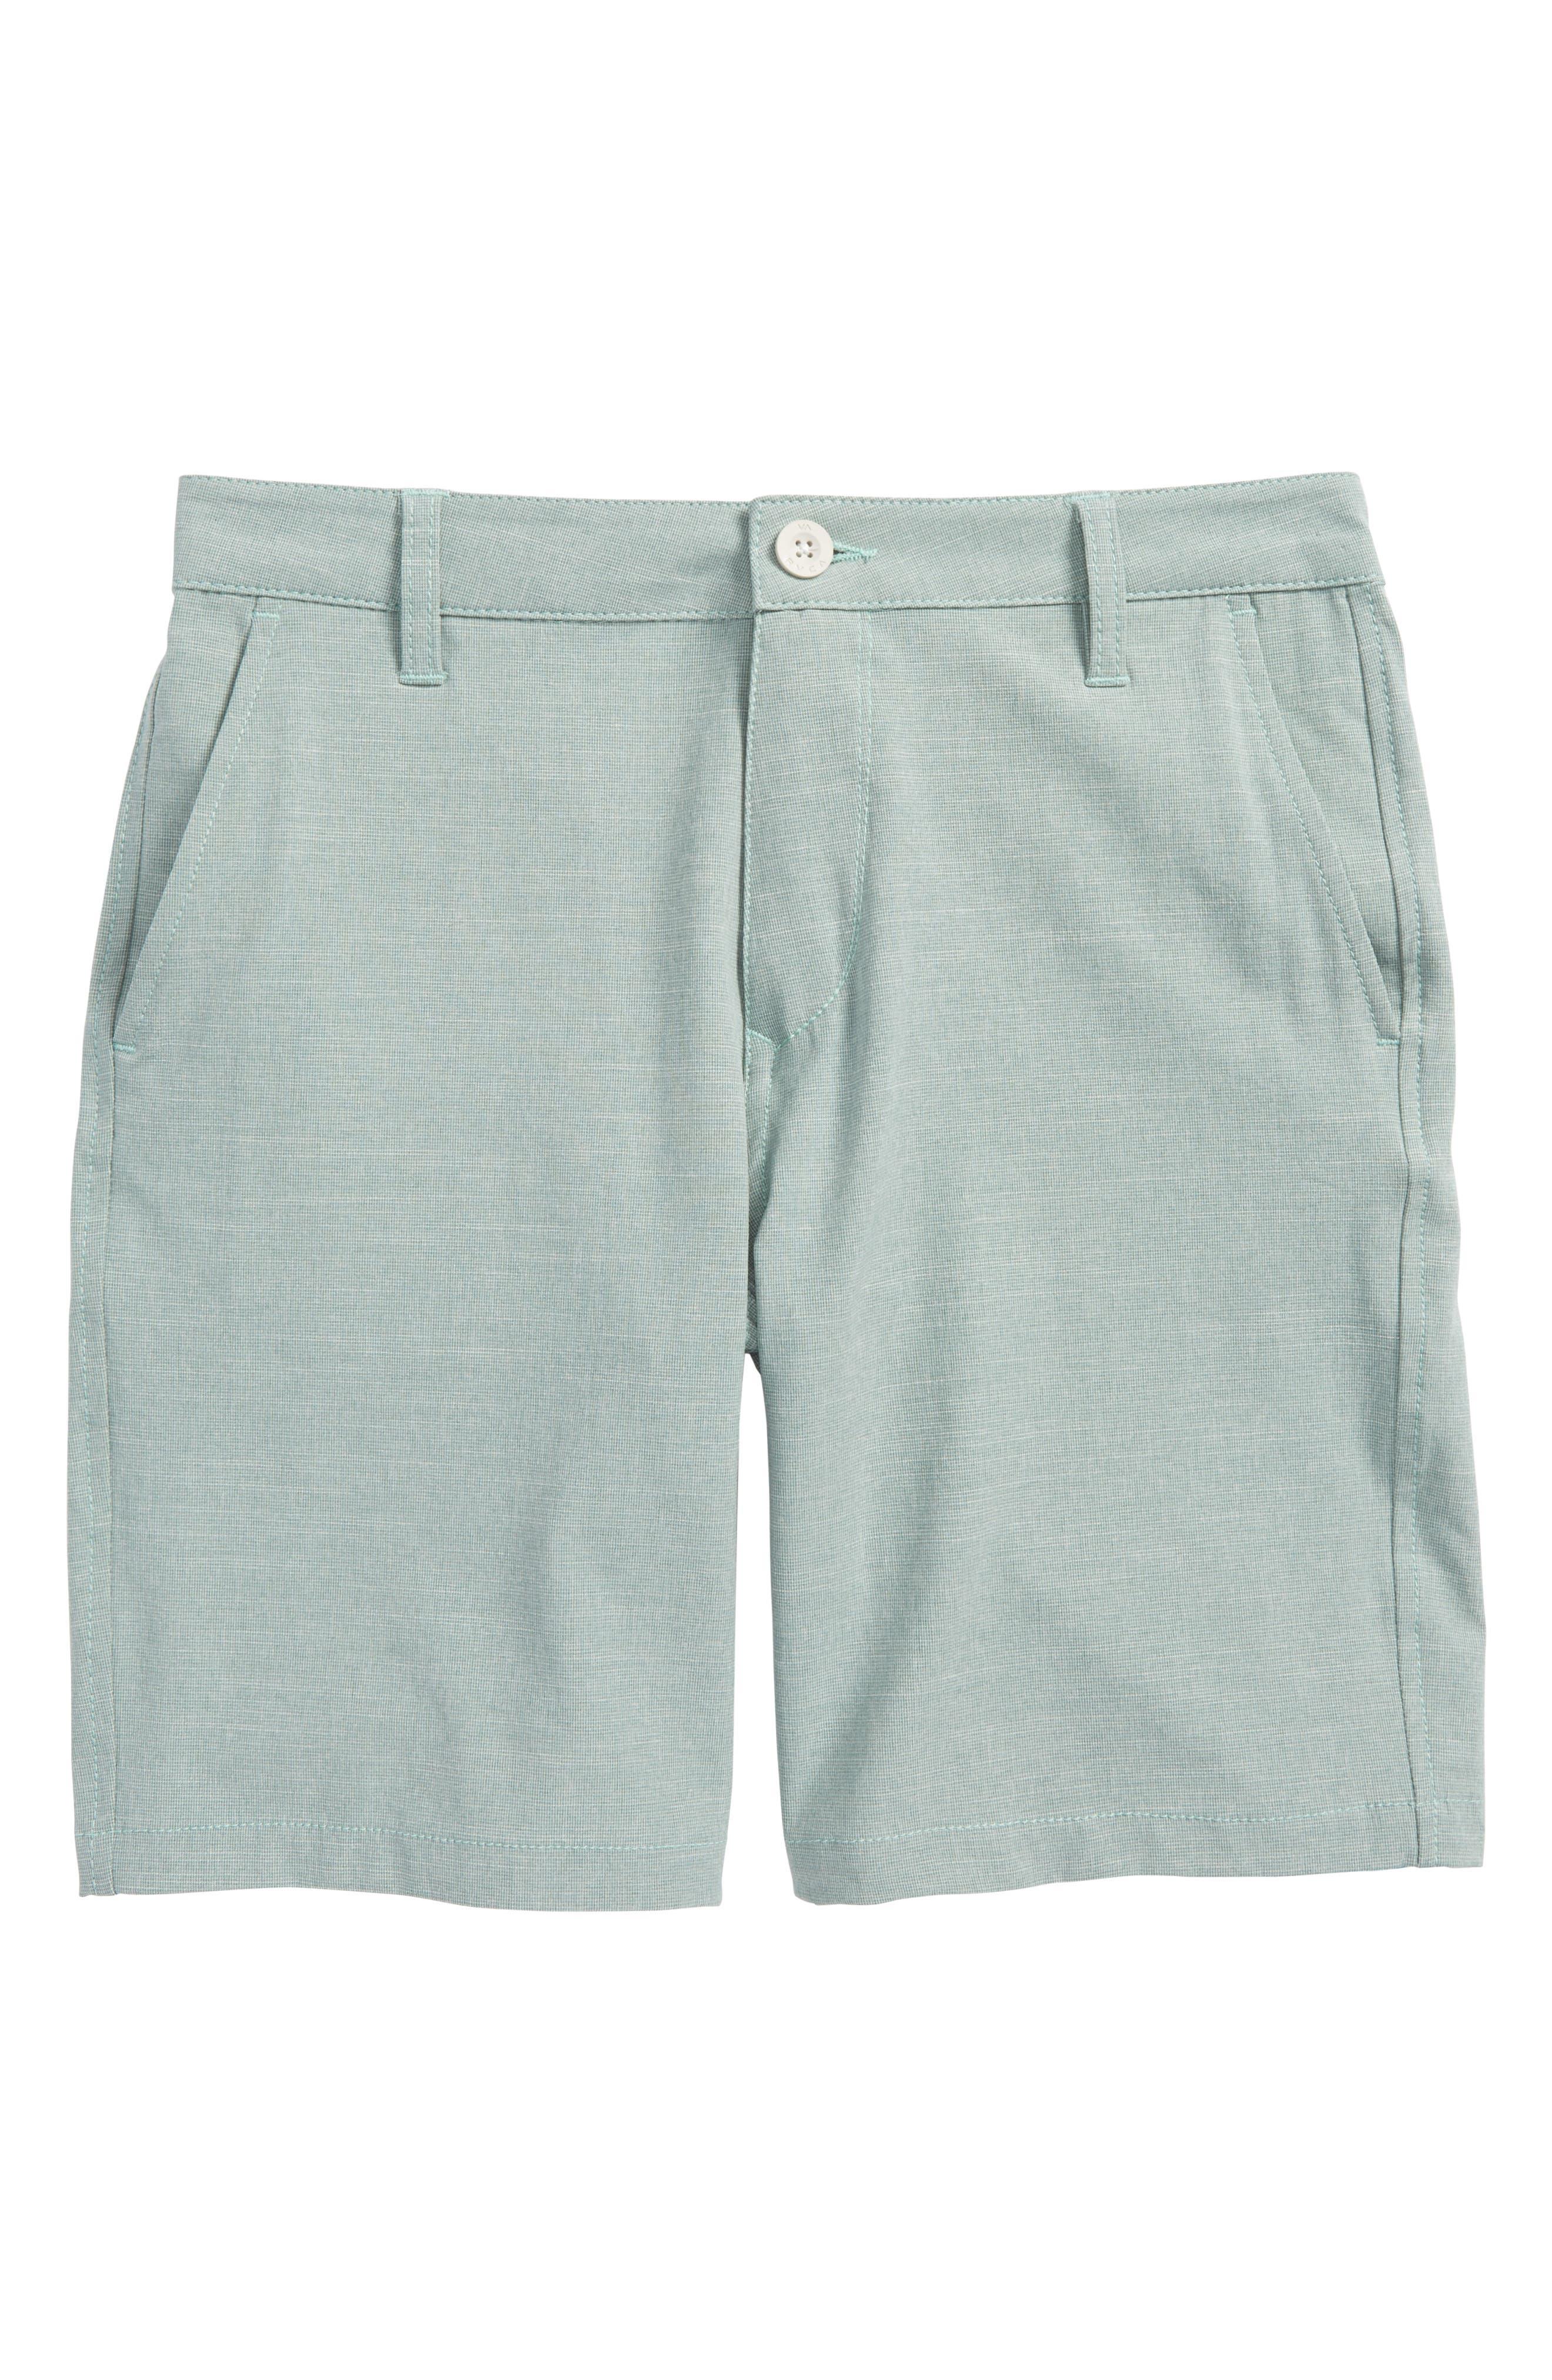 Balance Hybrid Board Shorts,                         Main,                         color, Green Haze